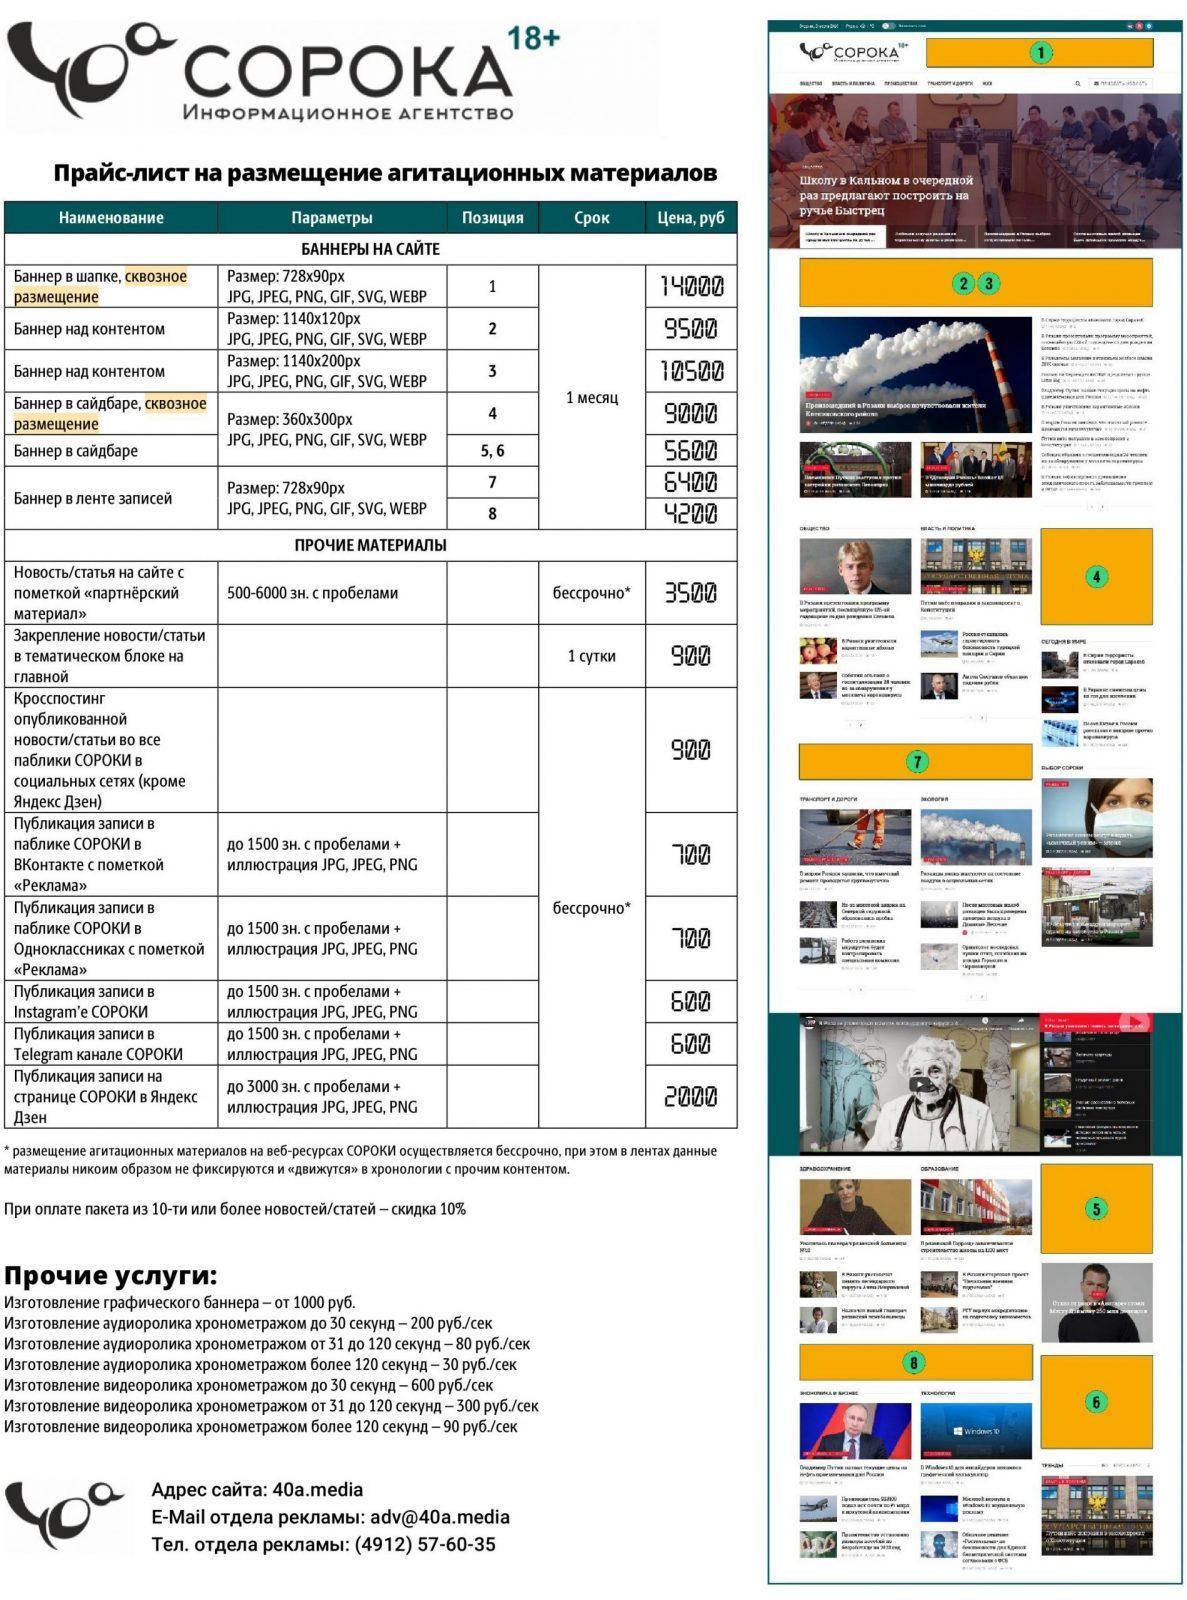 Расценки на услуги по размещению агитационных материалов в ресурсах издания, а также изготовлению аудиовизуальной агитационной продукции